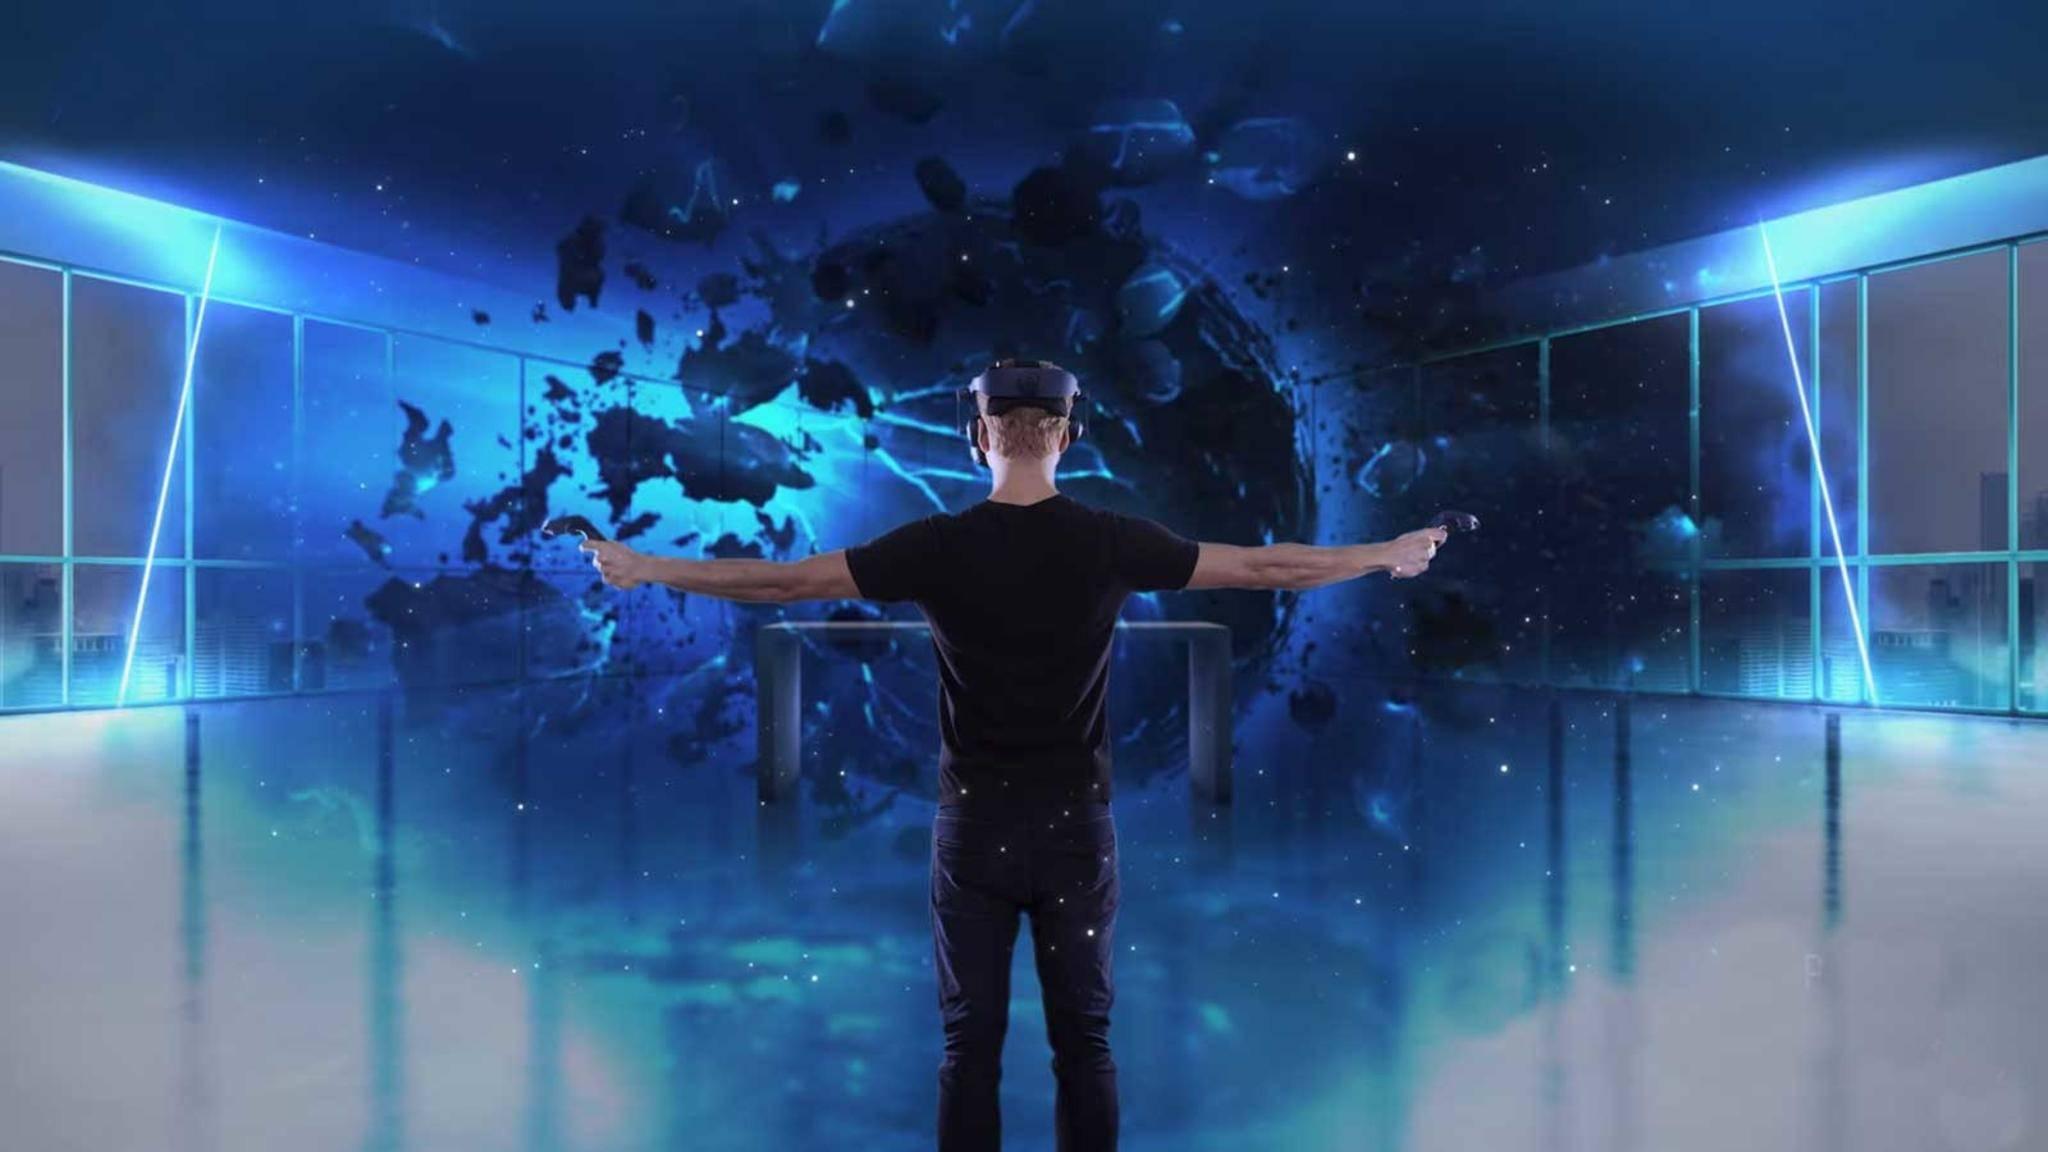 Die neue GeForce-Generation soll VR auf das nächste Level hieven.